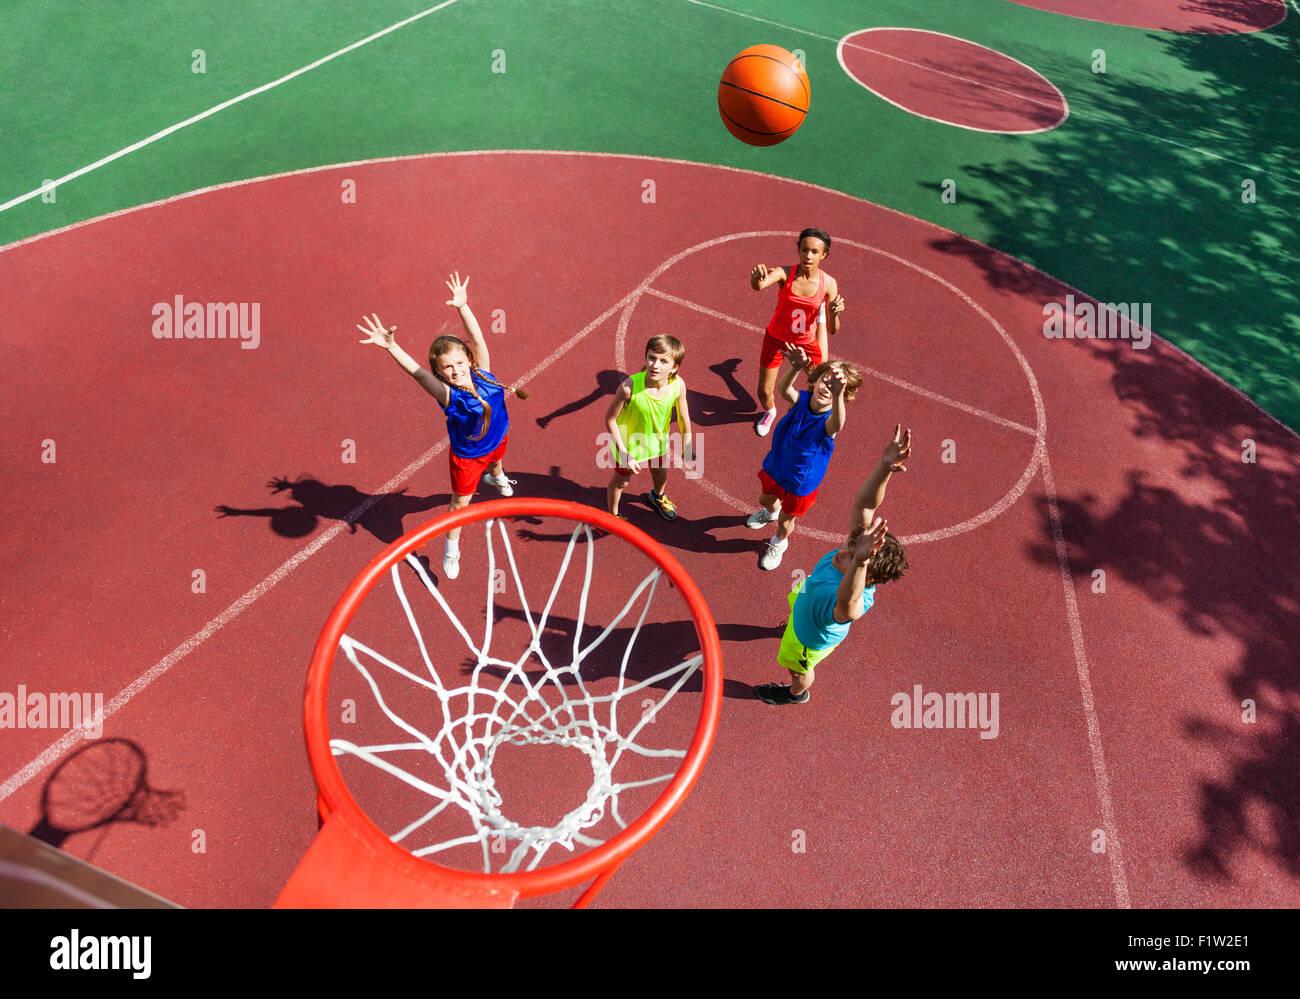 Sfere volanti al carrello vista superiore durante la pallacanestro Immagini Stock